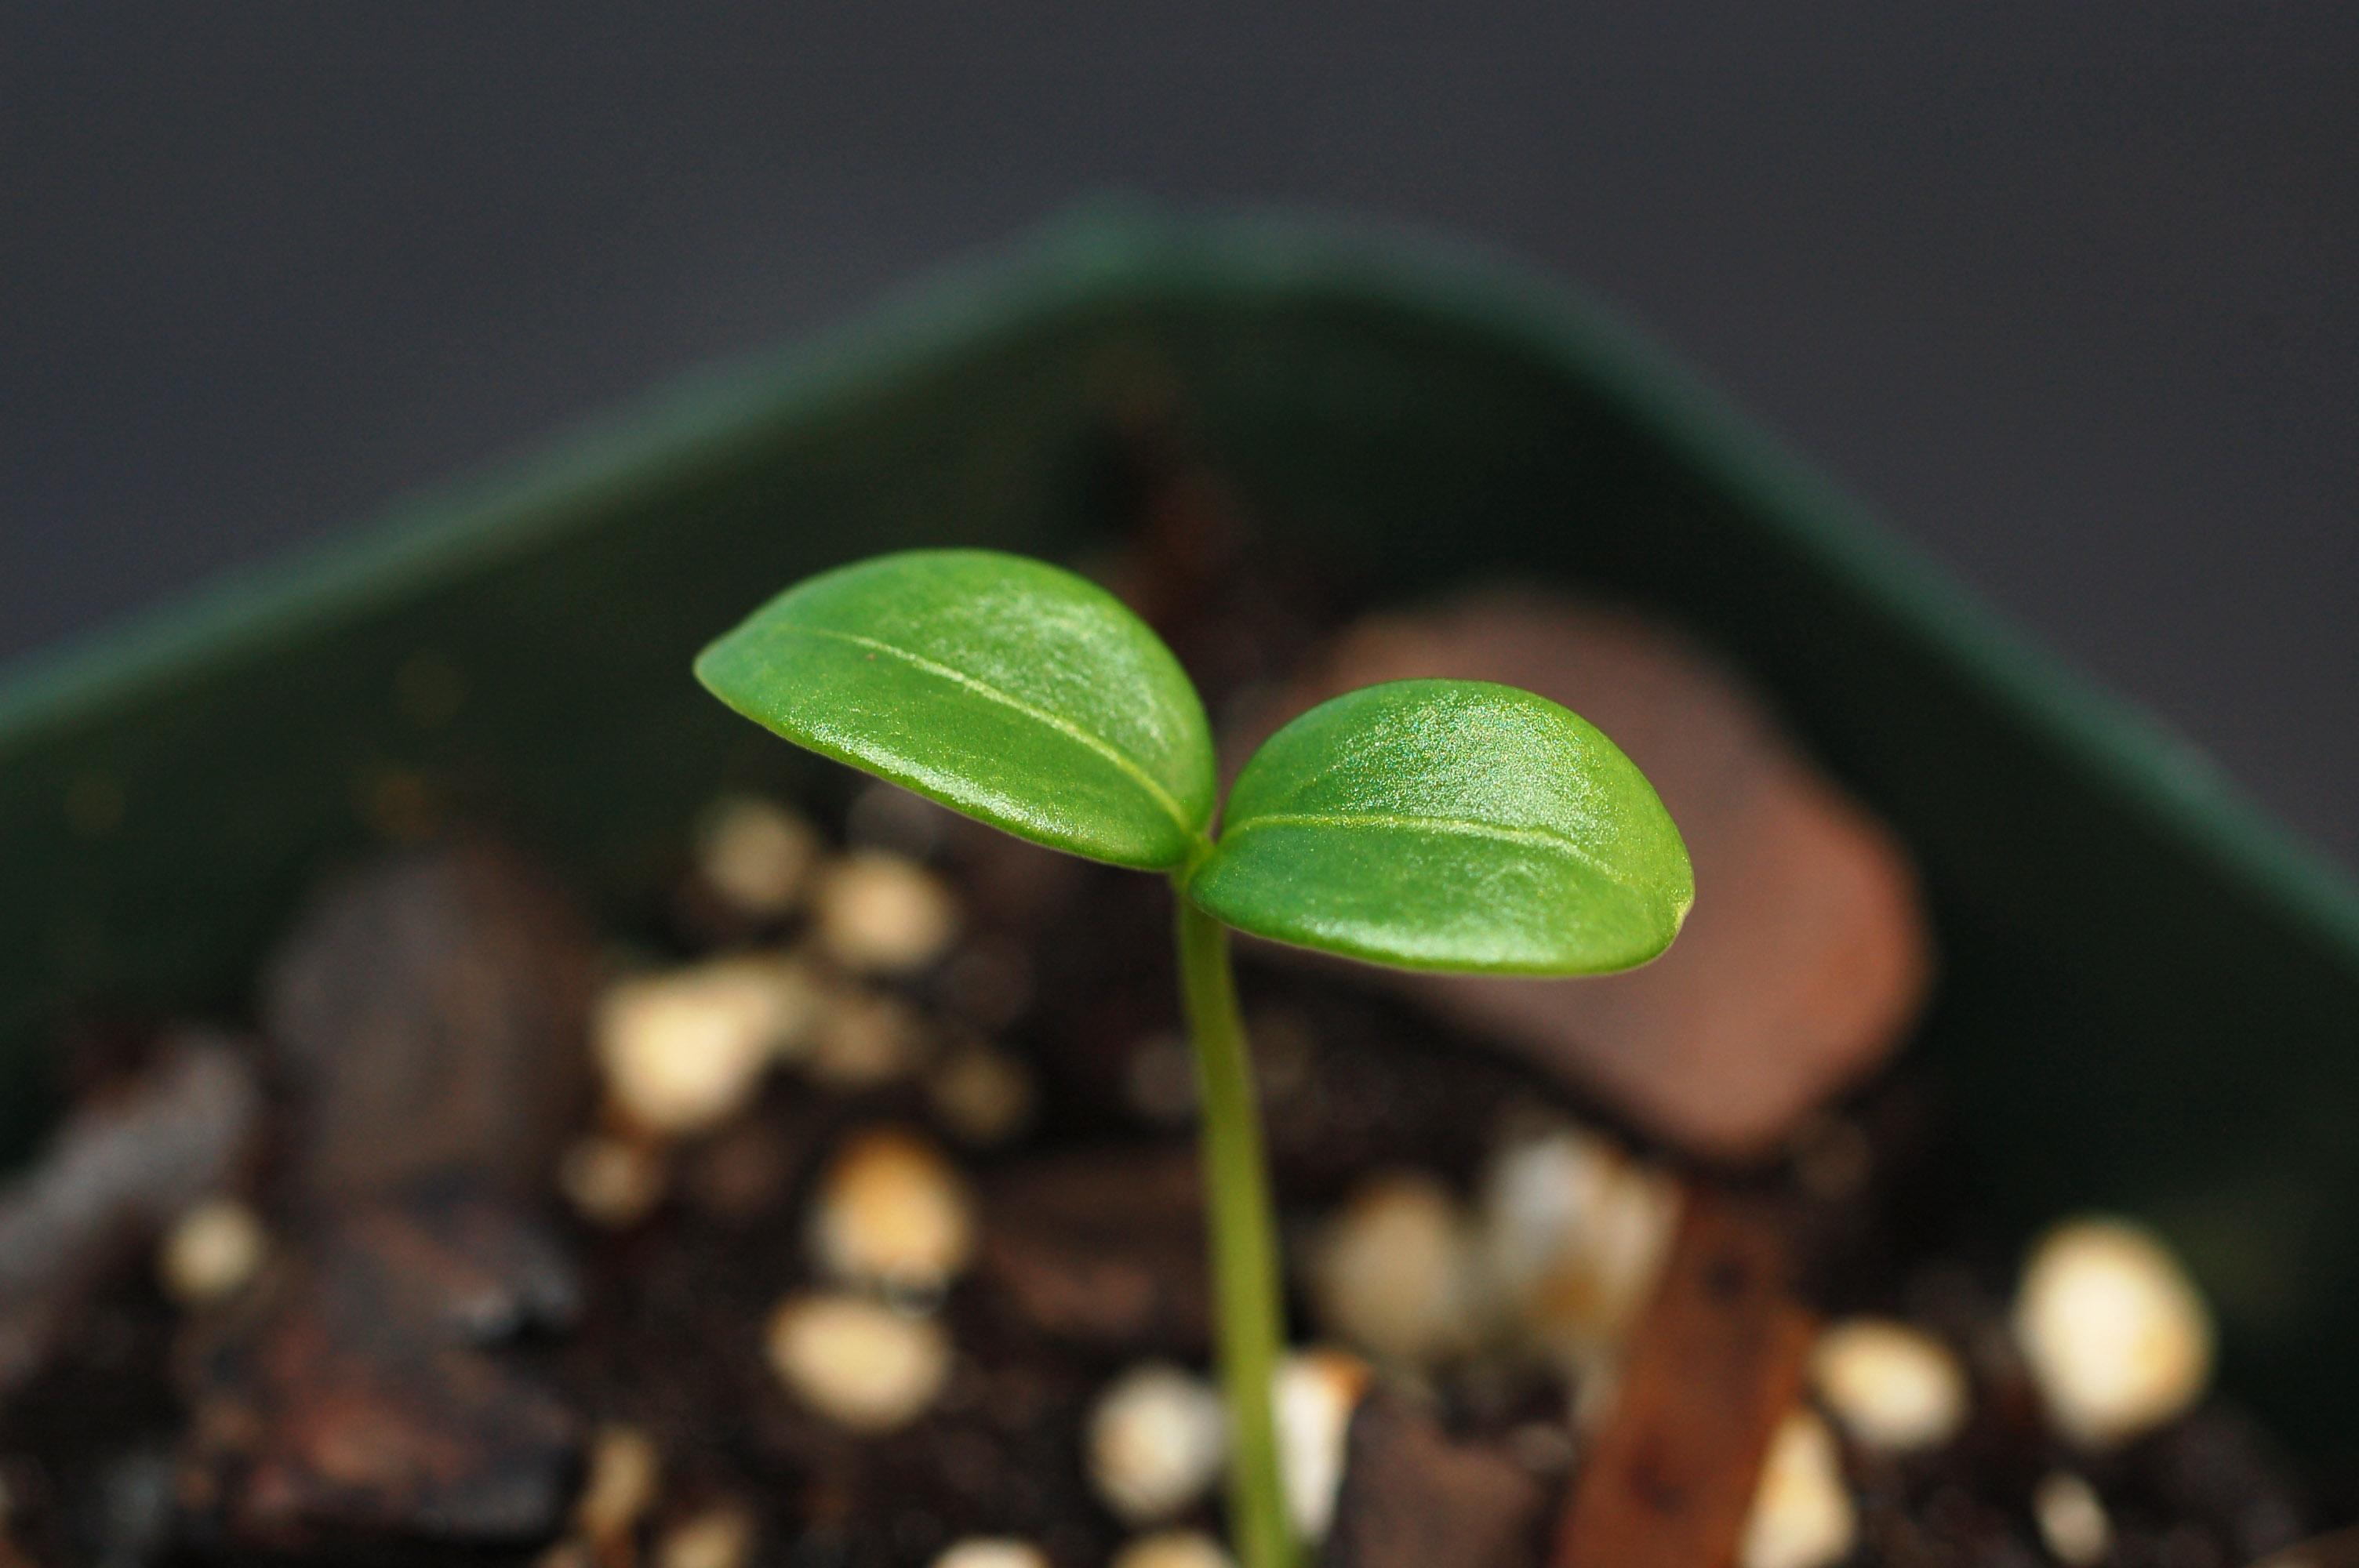 CELA Cela orbi seedling a